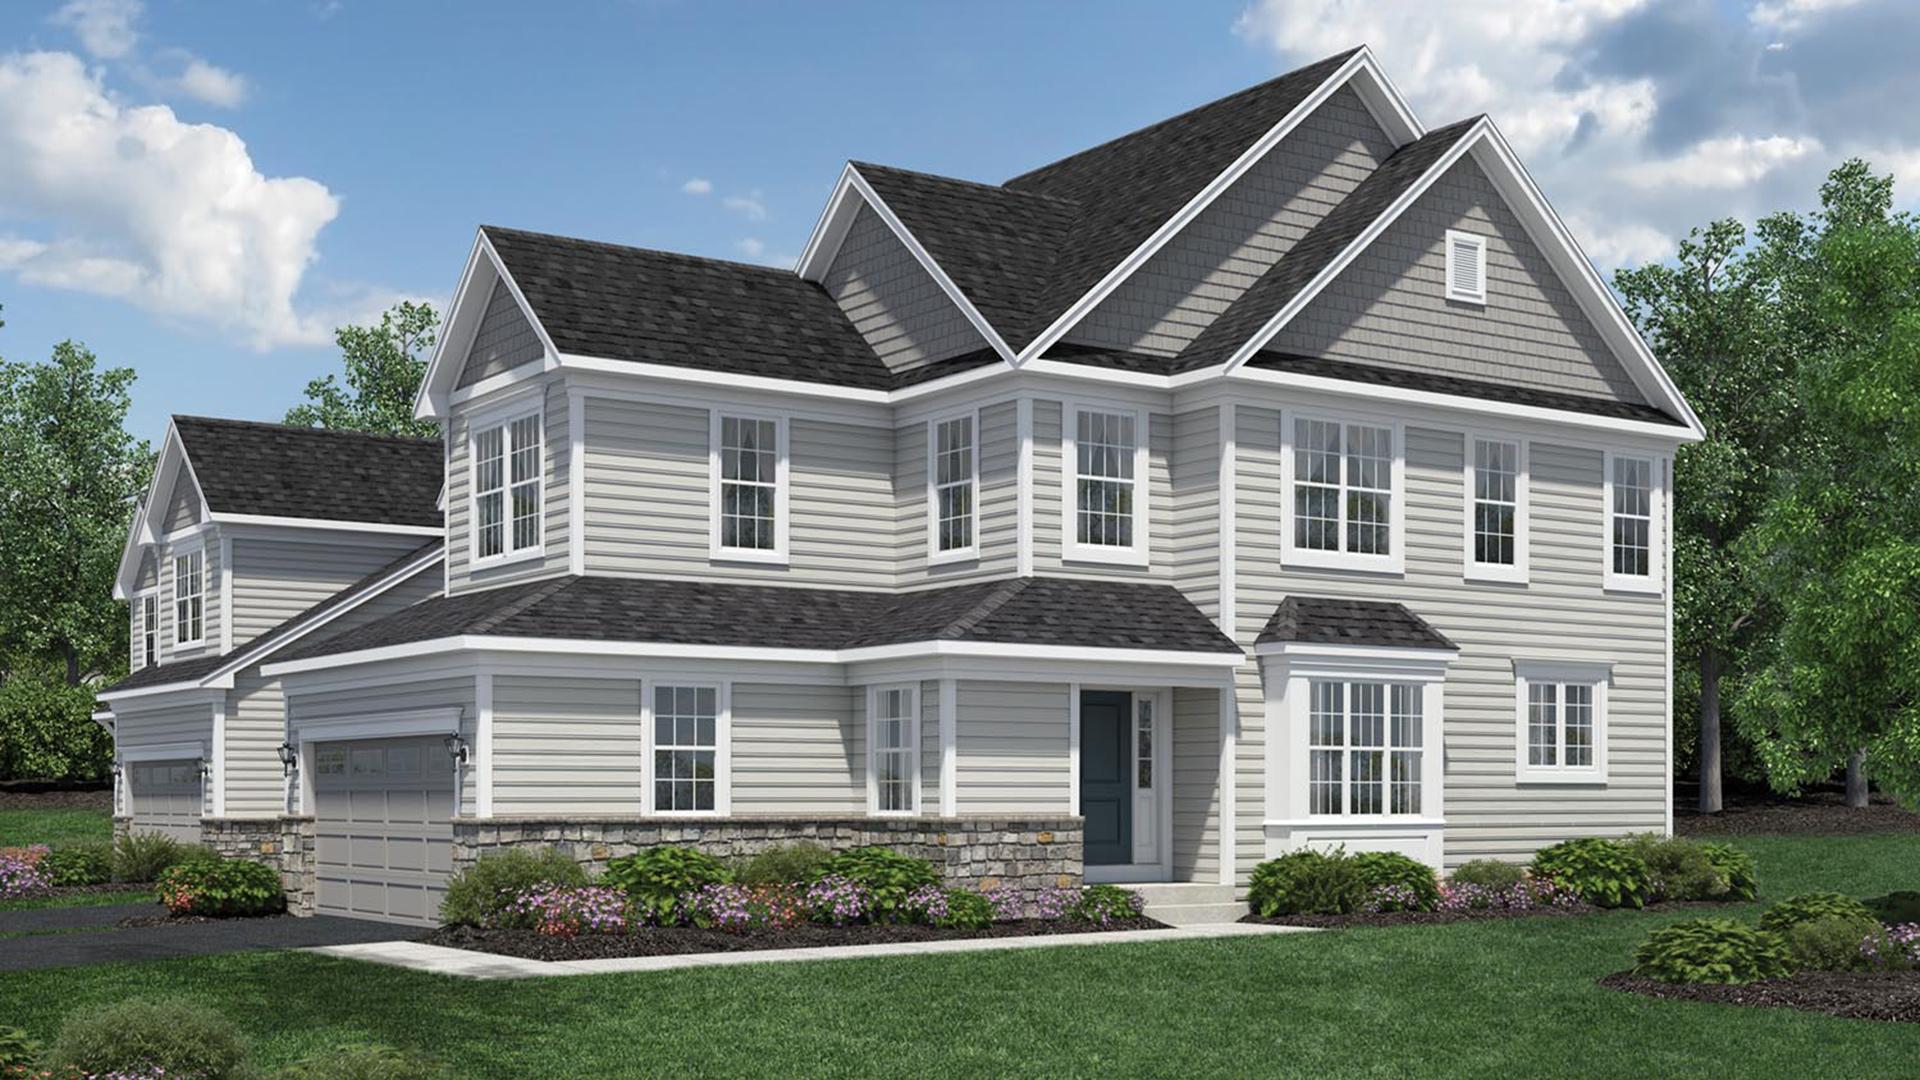 65+ Home Design Jamestown Nd - Schedule A Design Consultation ...